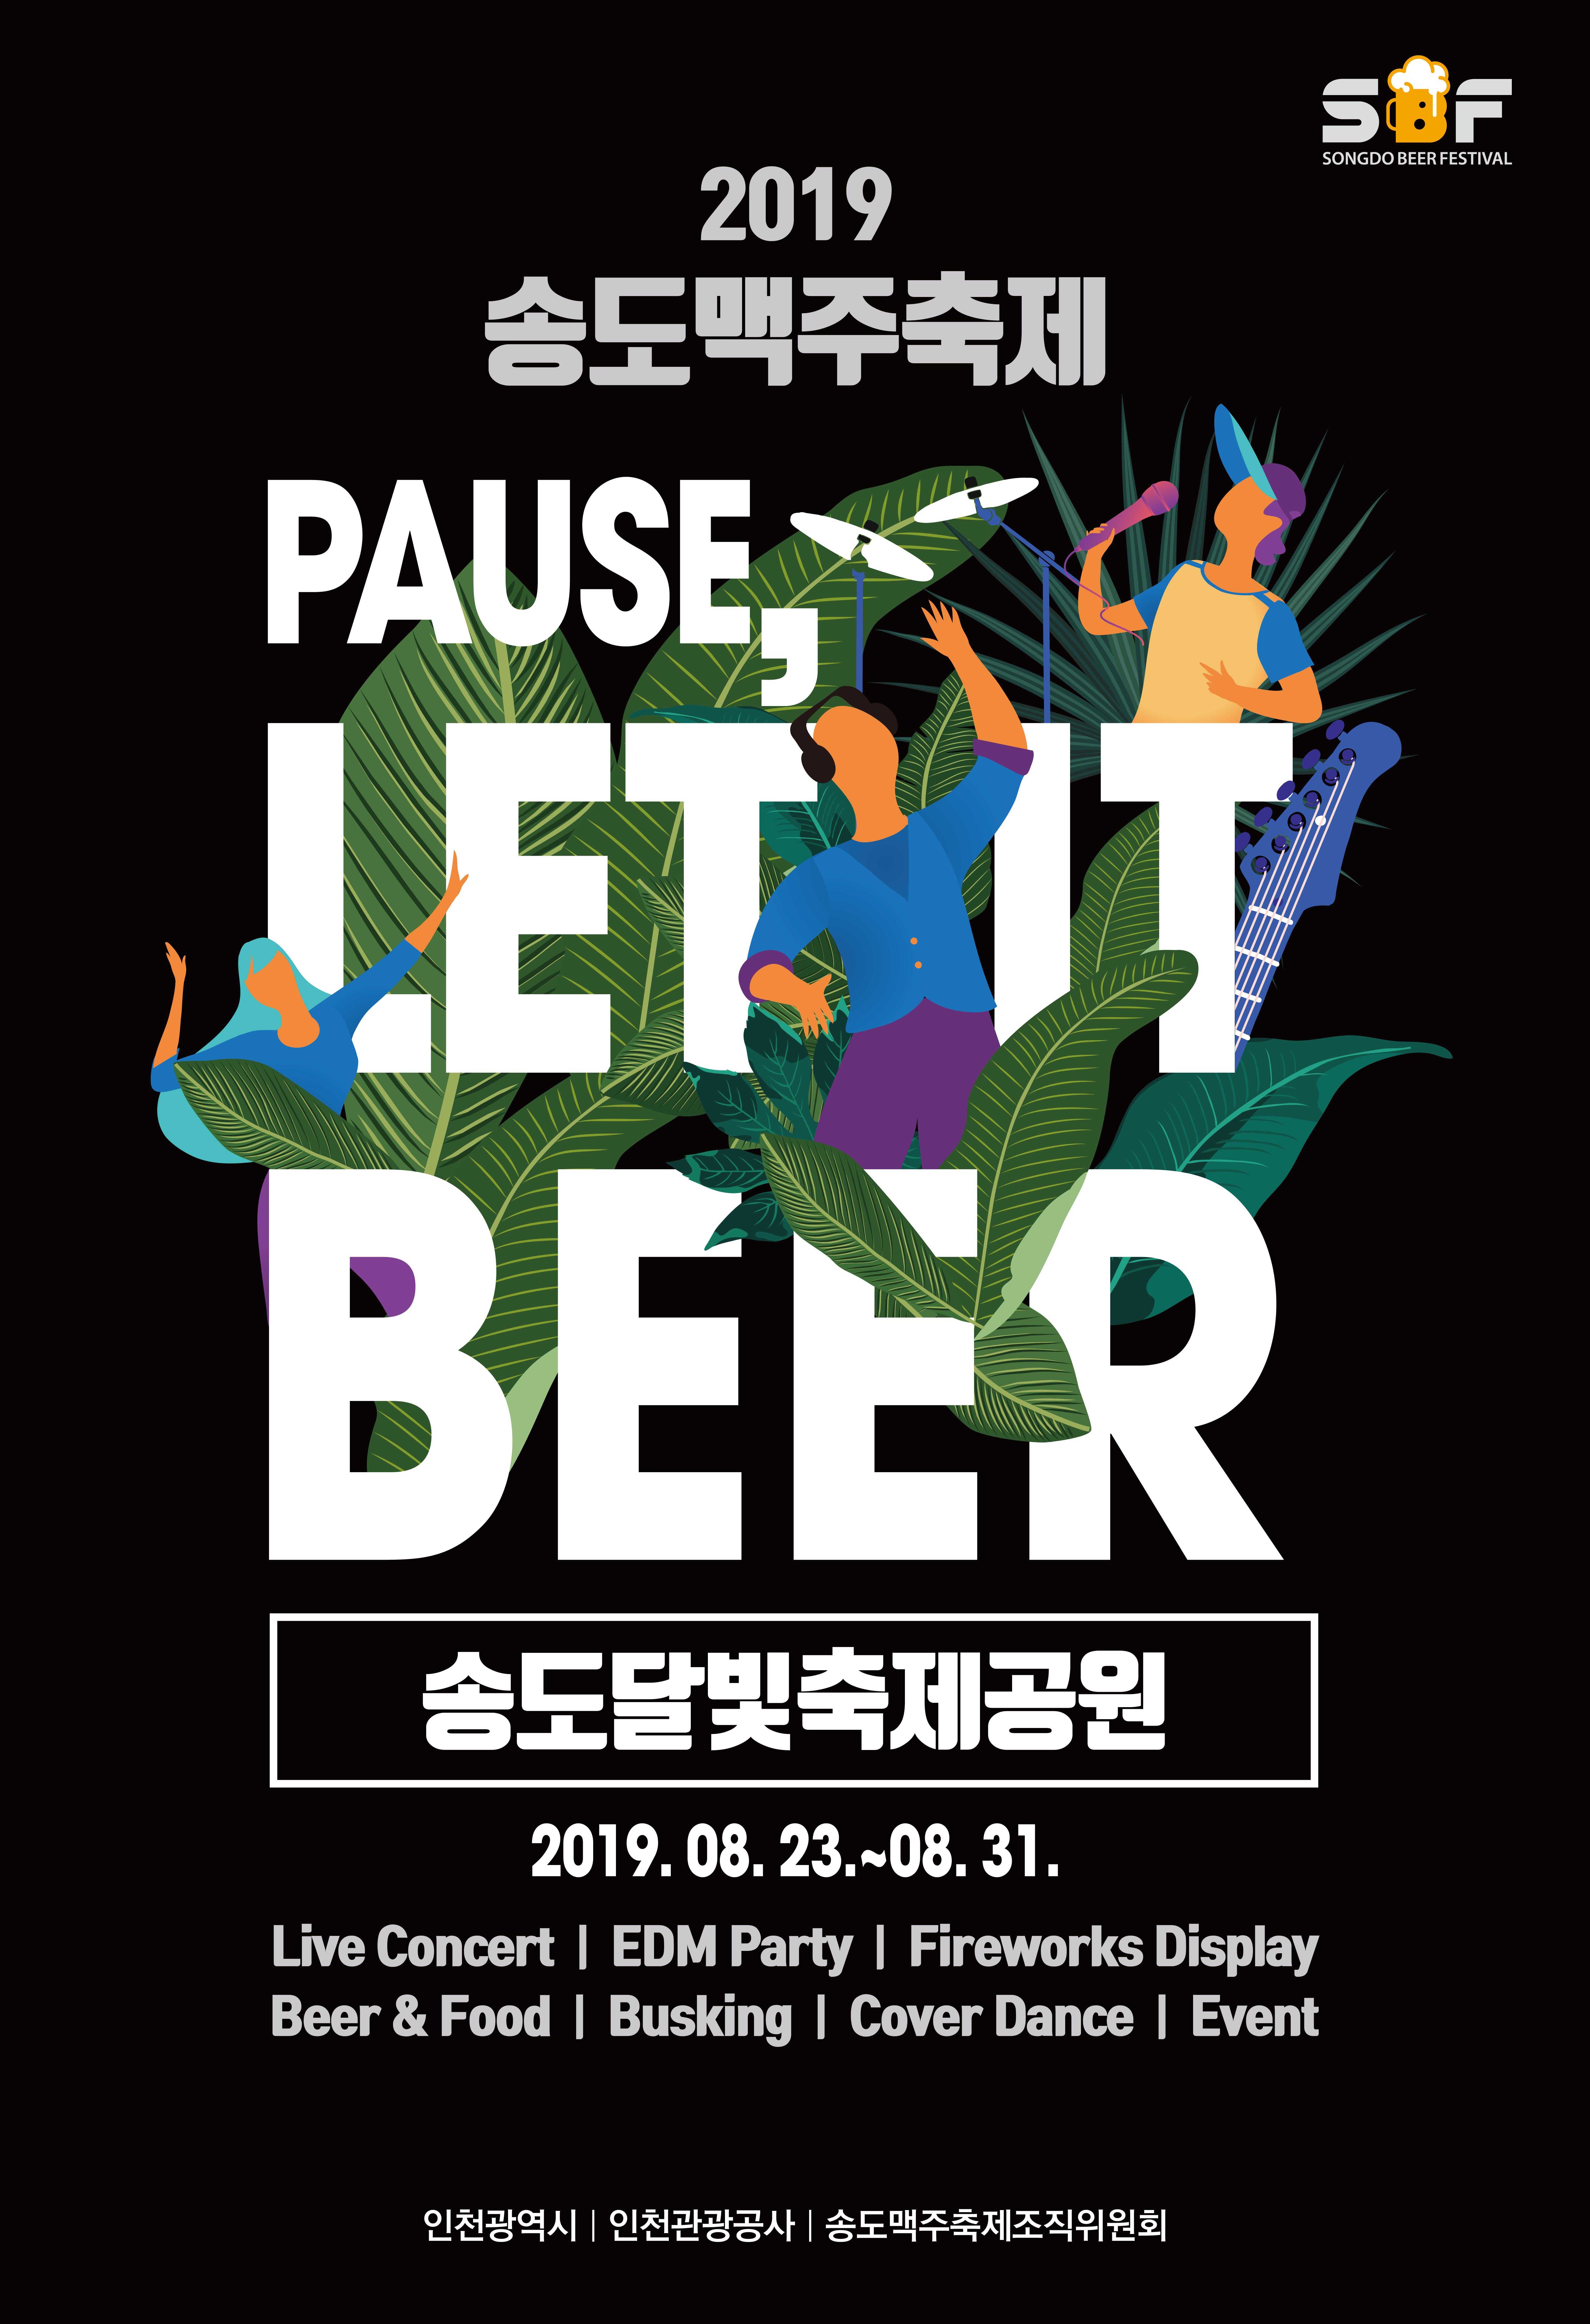 인천광역시, 2019 송도맥주축제 개최 인천의 아름다운 공원에서 즐기는 초대형 맥주&음악 축제!